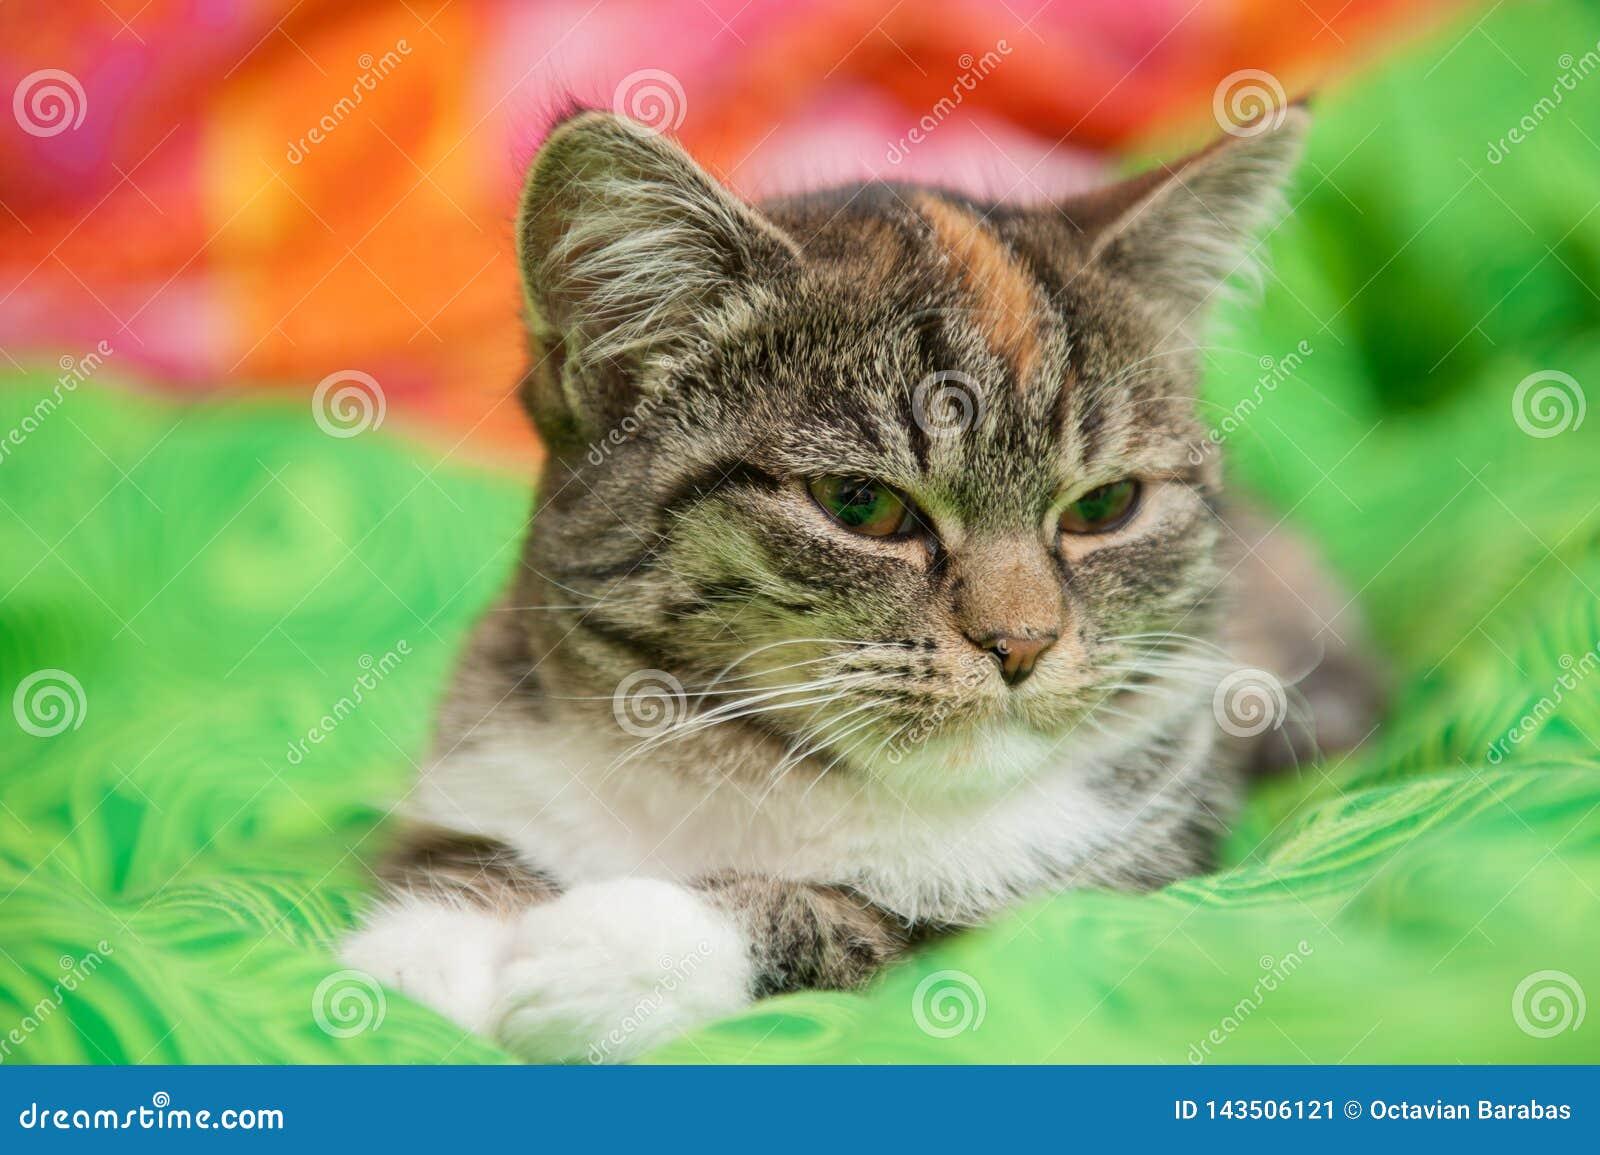 Gato soñoliento en la manta verde